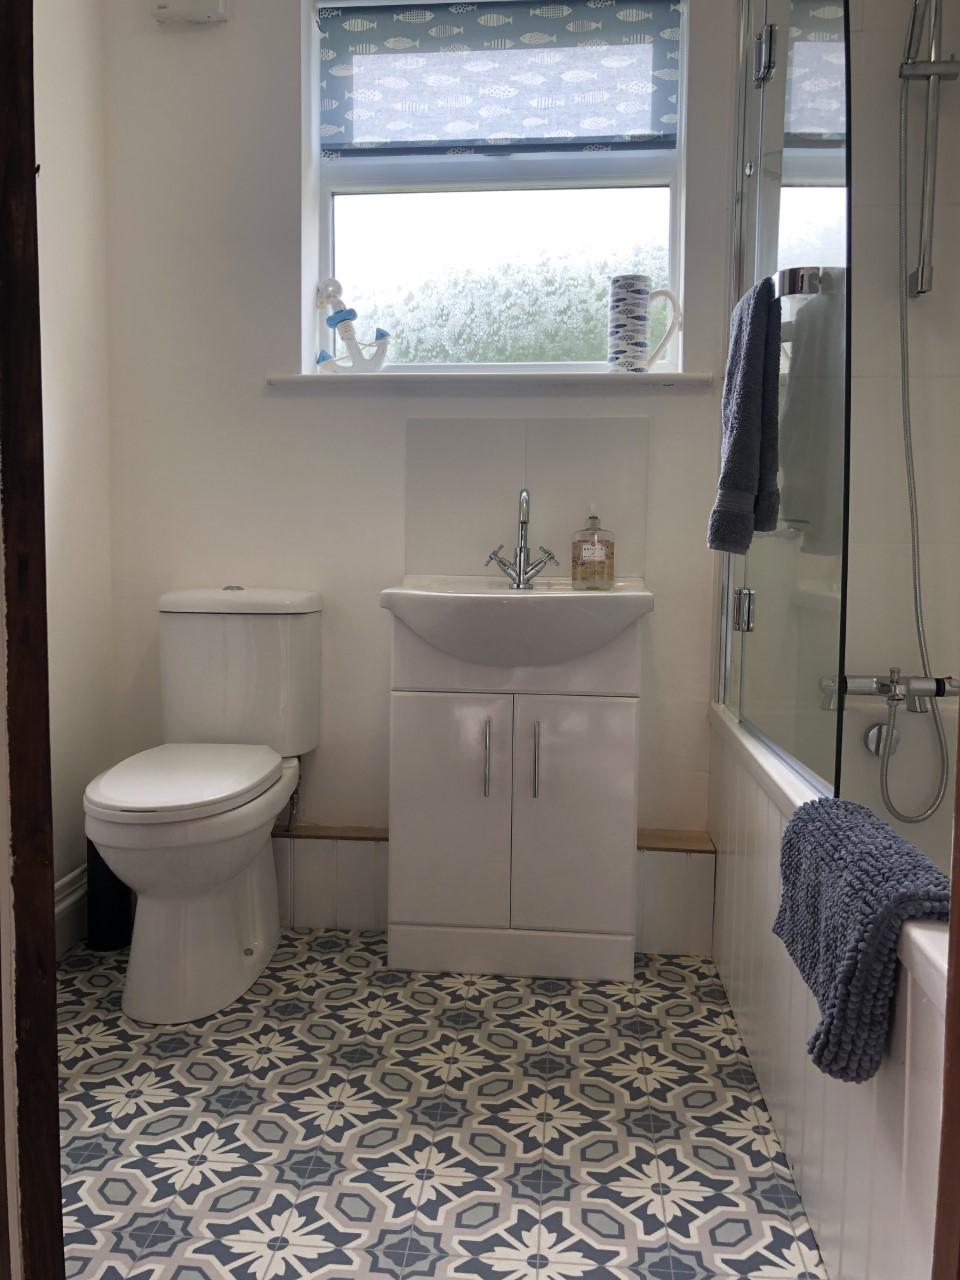 West bathroom.jpg